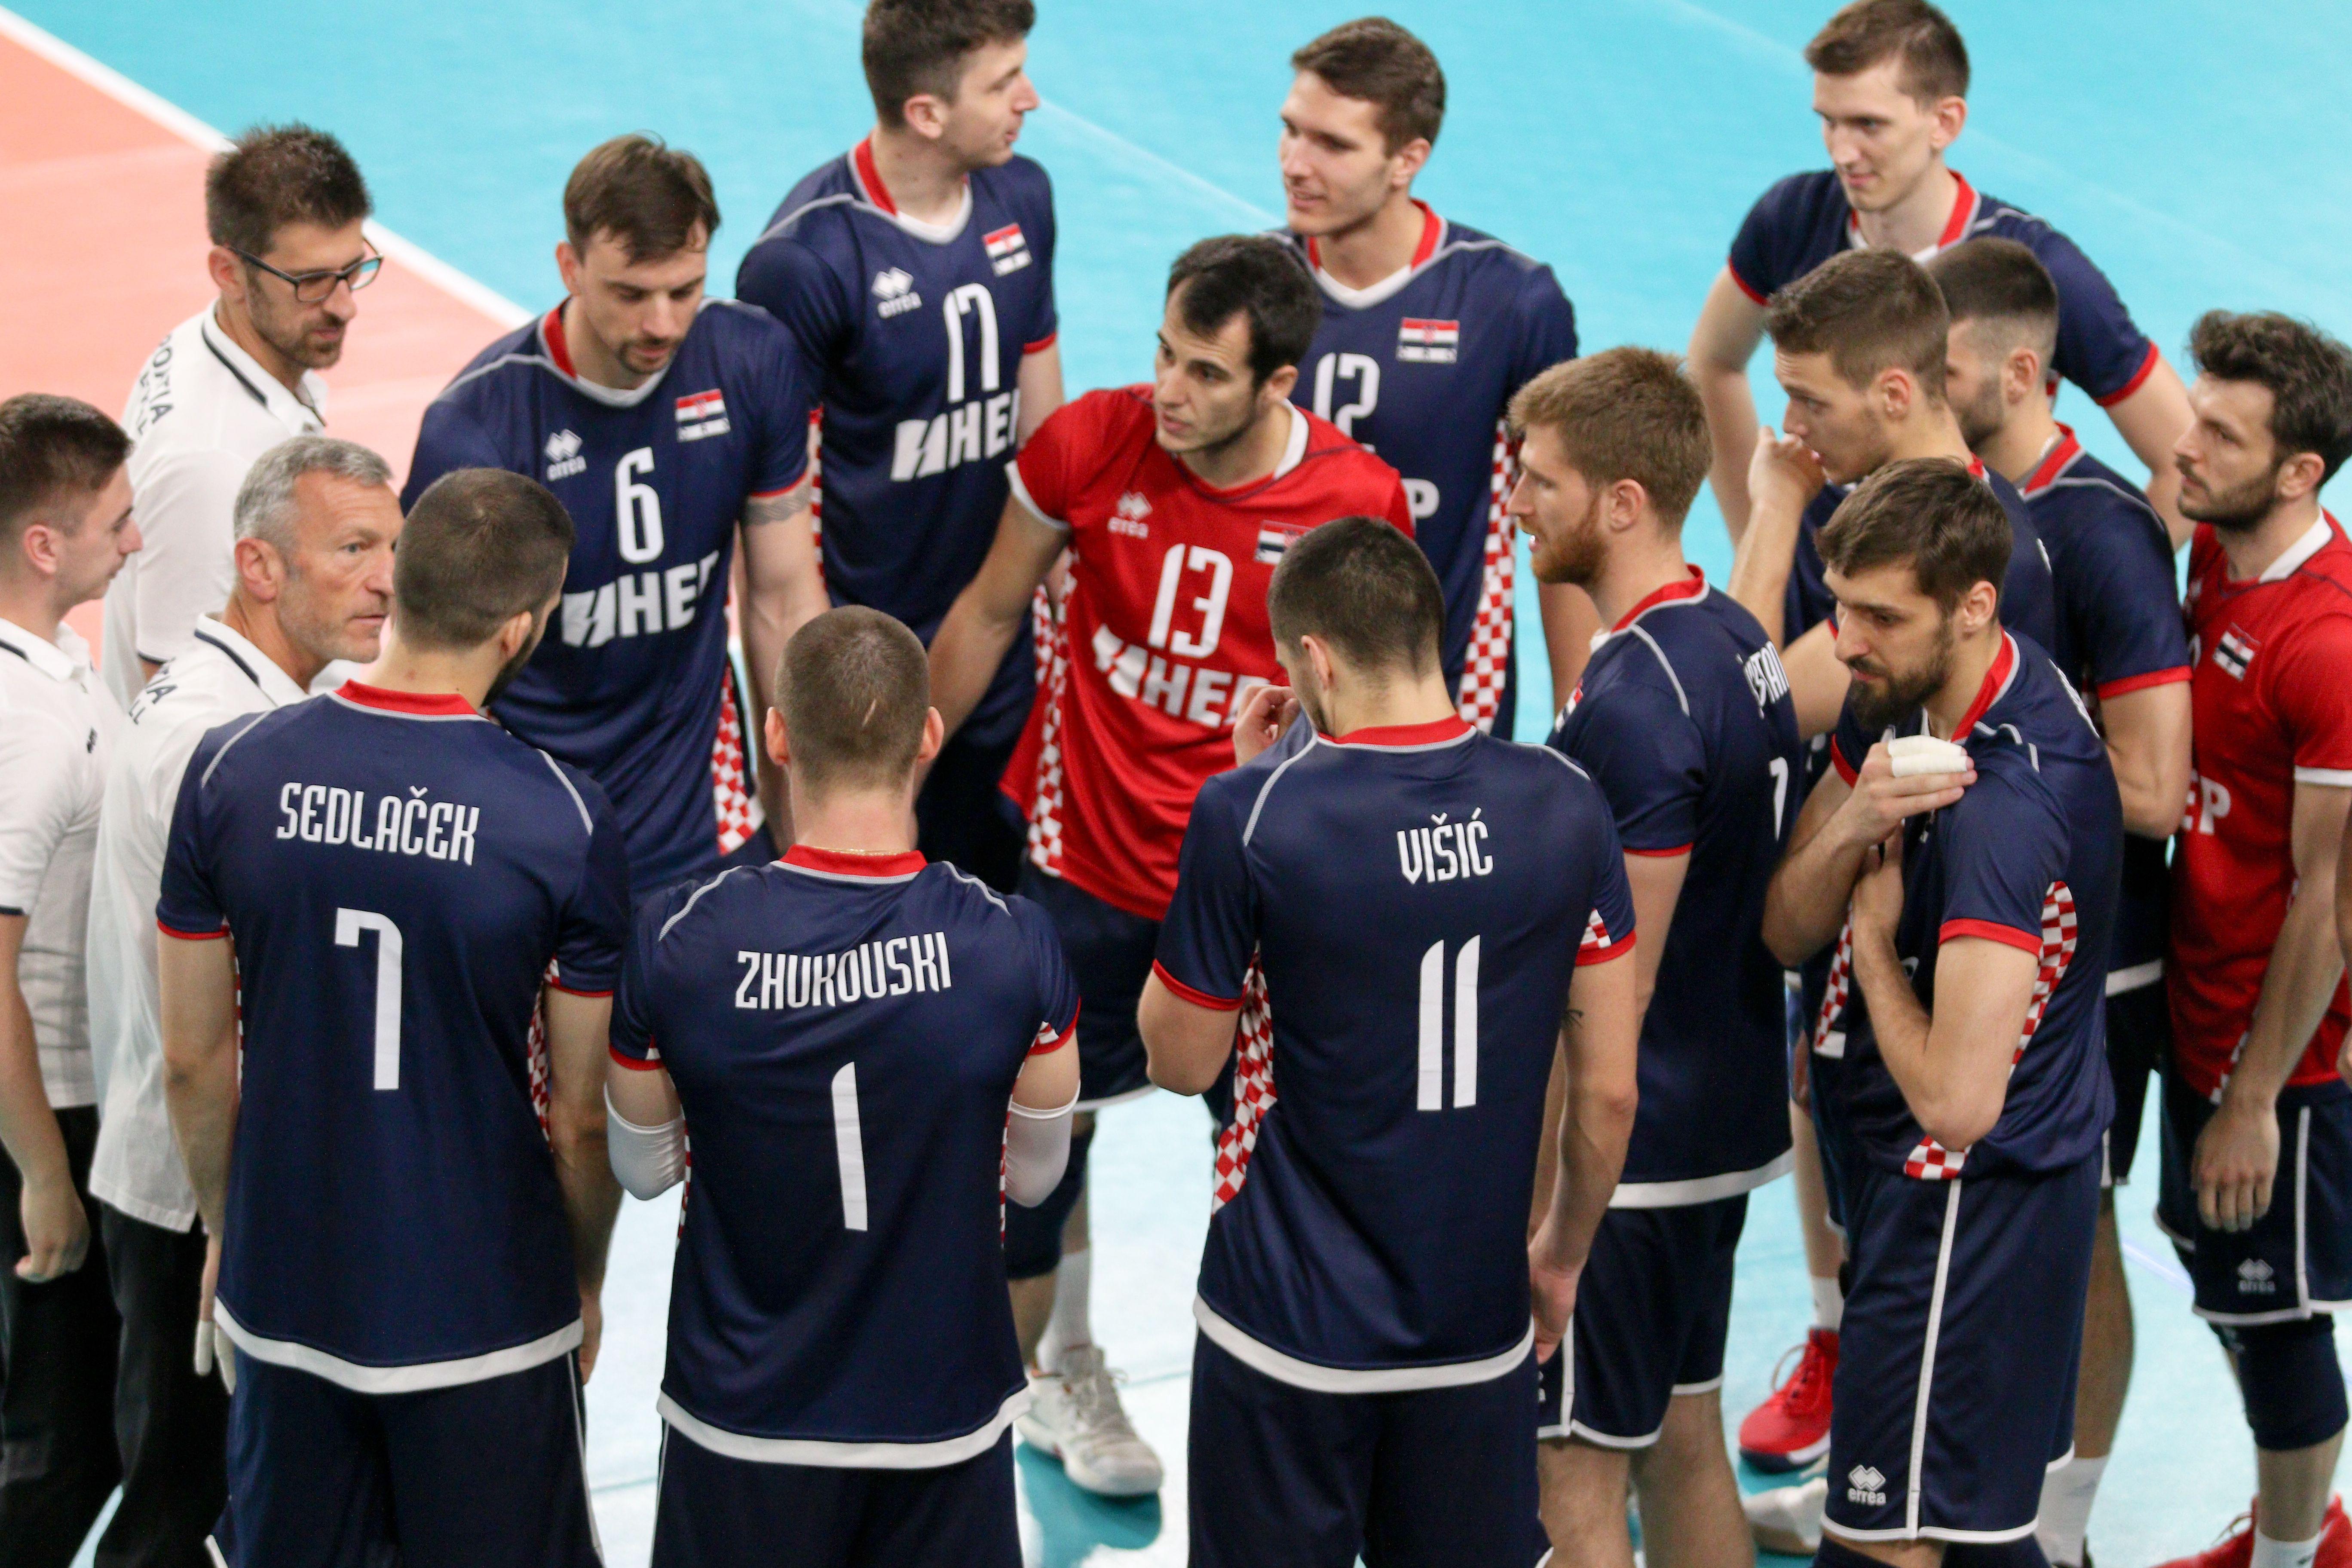 Sportska Hrvatska Odgodene muske seniorske kvalifikacije za EP u Zadru